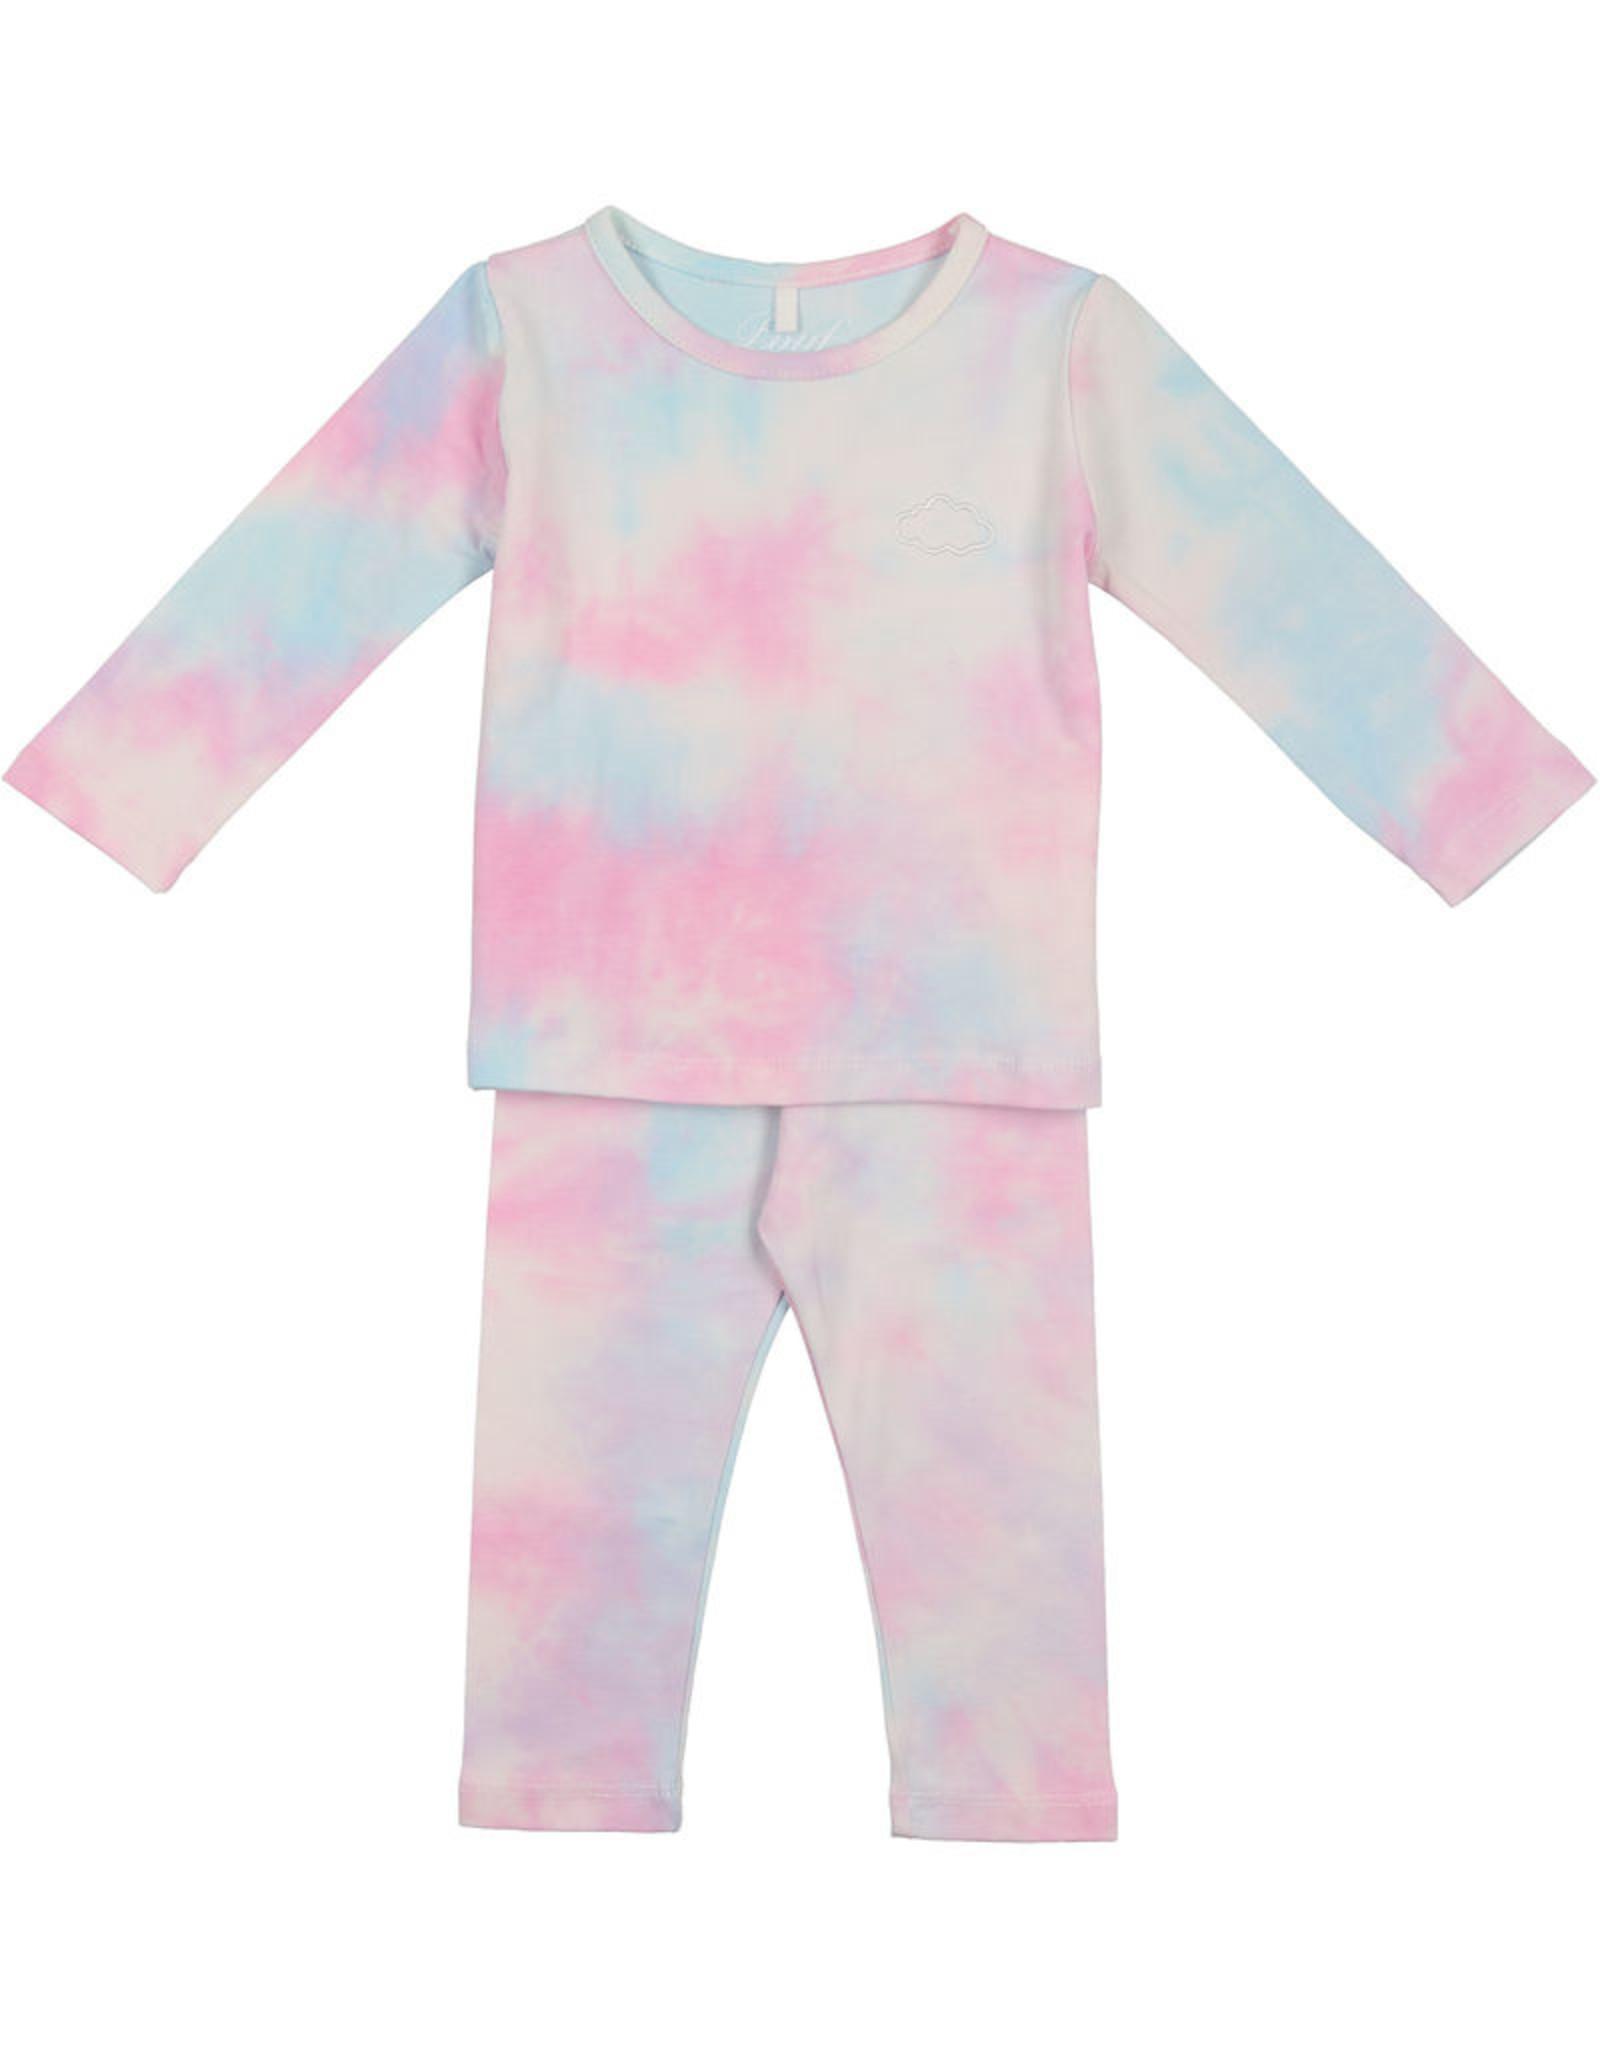 Pouf Pouf TieDye Pajama